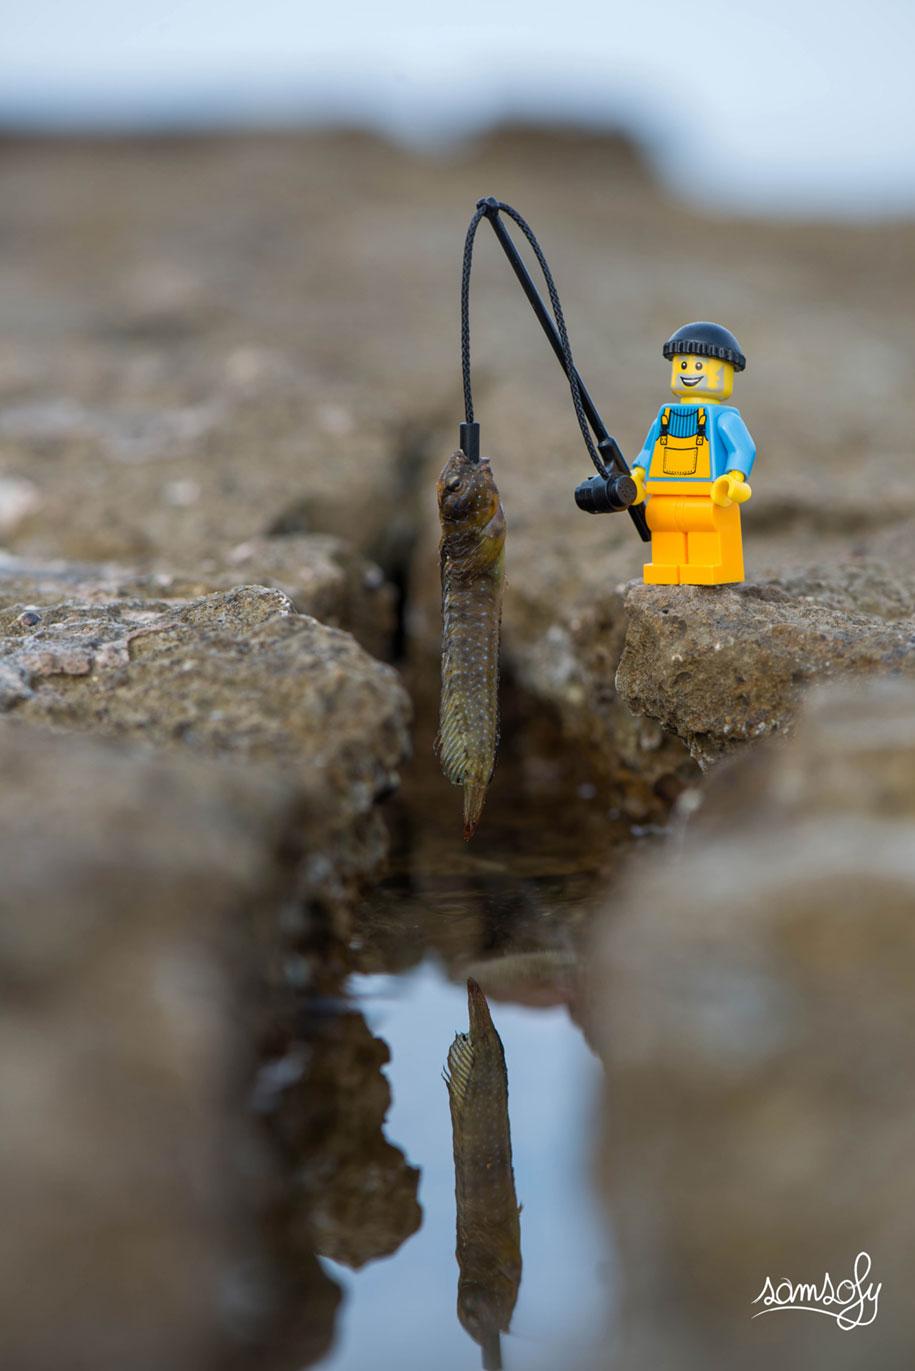 lego-miniature-avventure-scene-fotografia-sofiane-samlal-samsofy-17